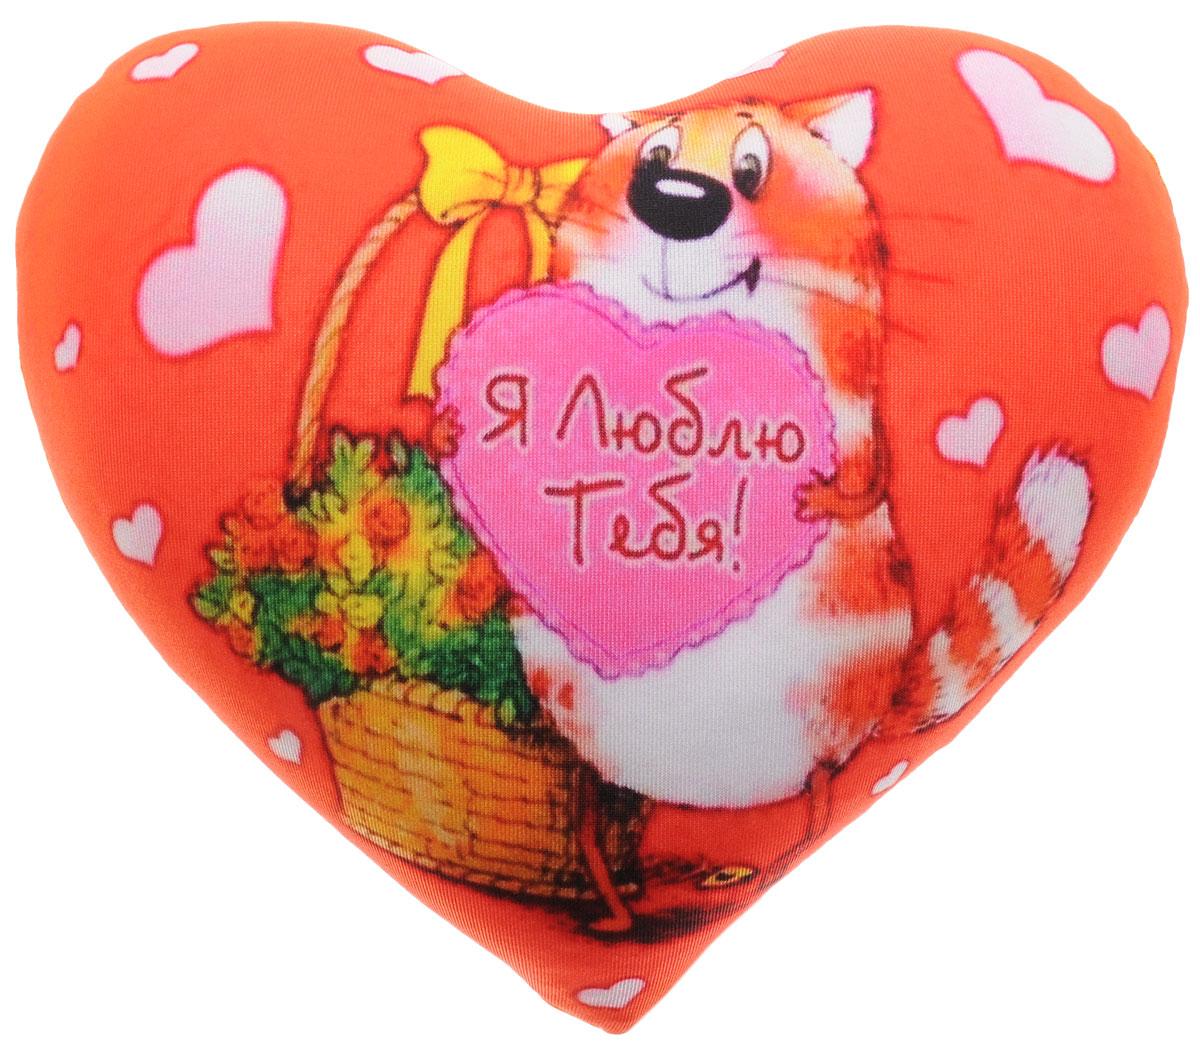 СмолТойс Мягкая игрушка-антистресс Валентинка цвет оранжевый 18 см